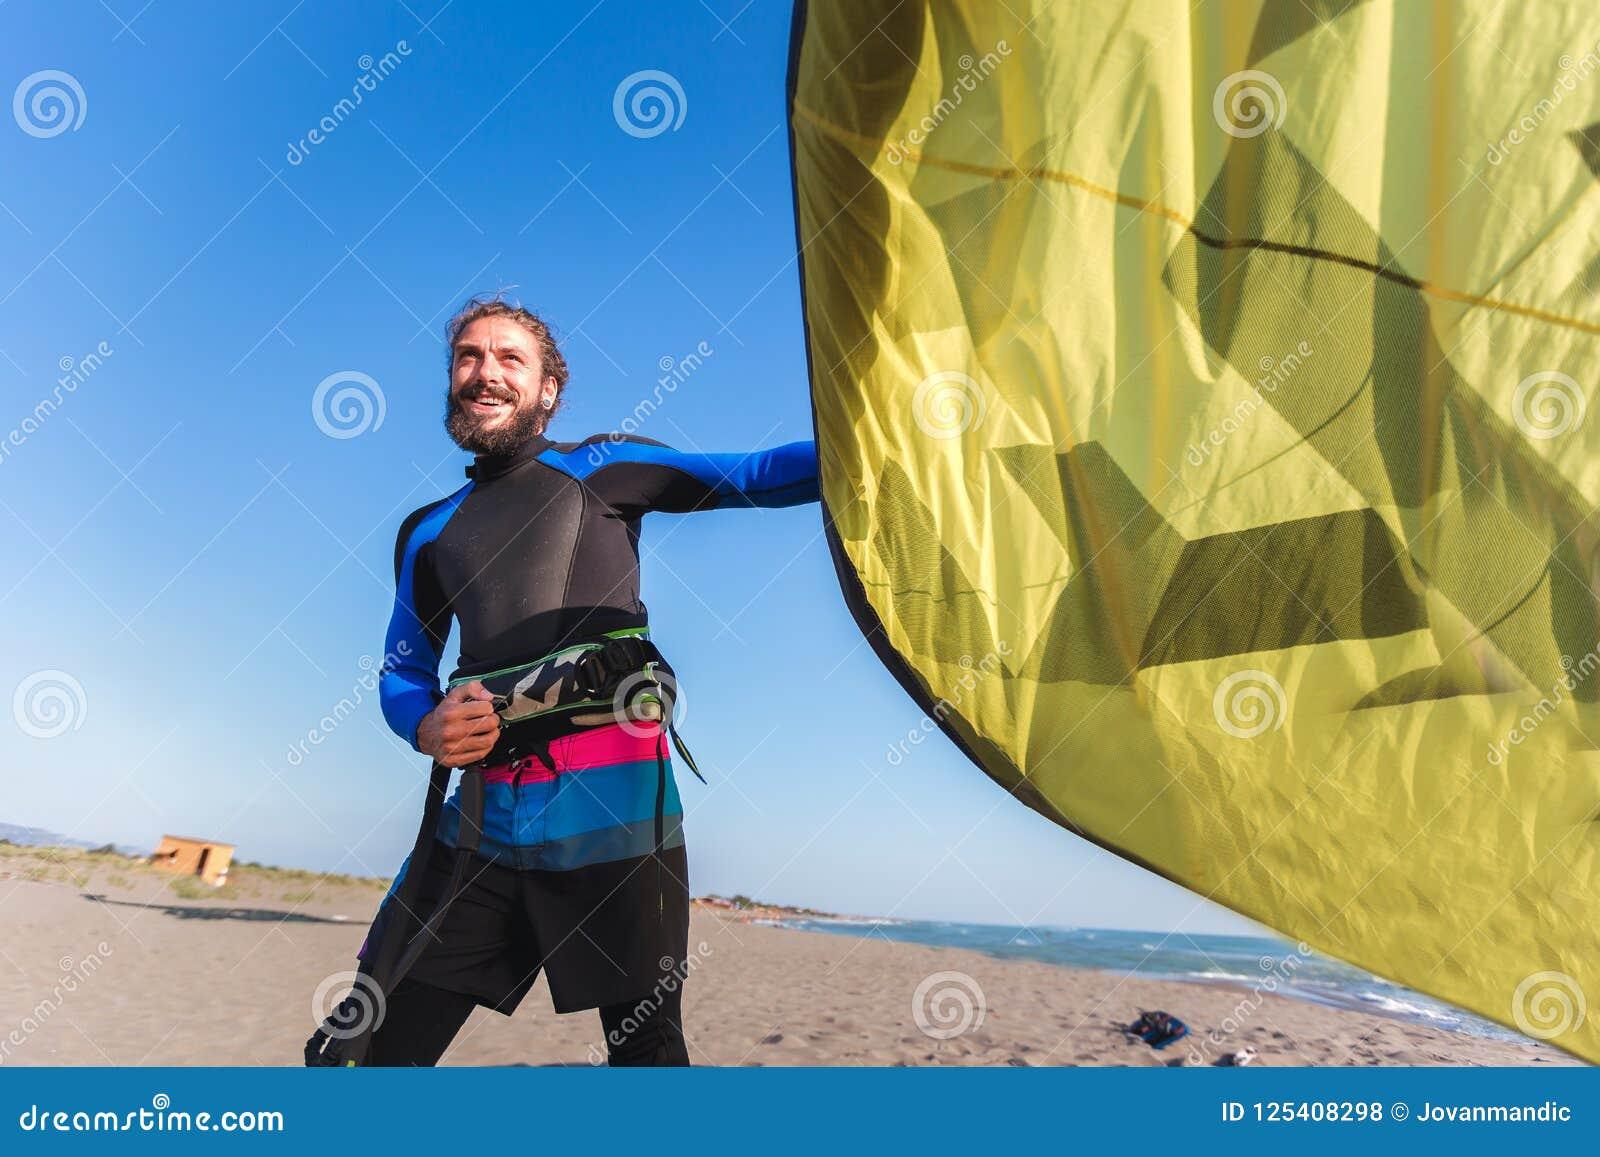 Surfista profissional do homem caucasiano que está no Sandy Beach com seu papagaio